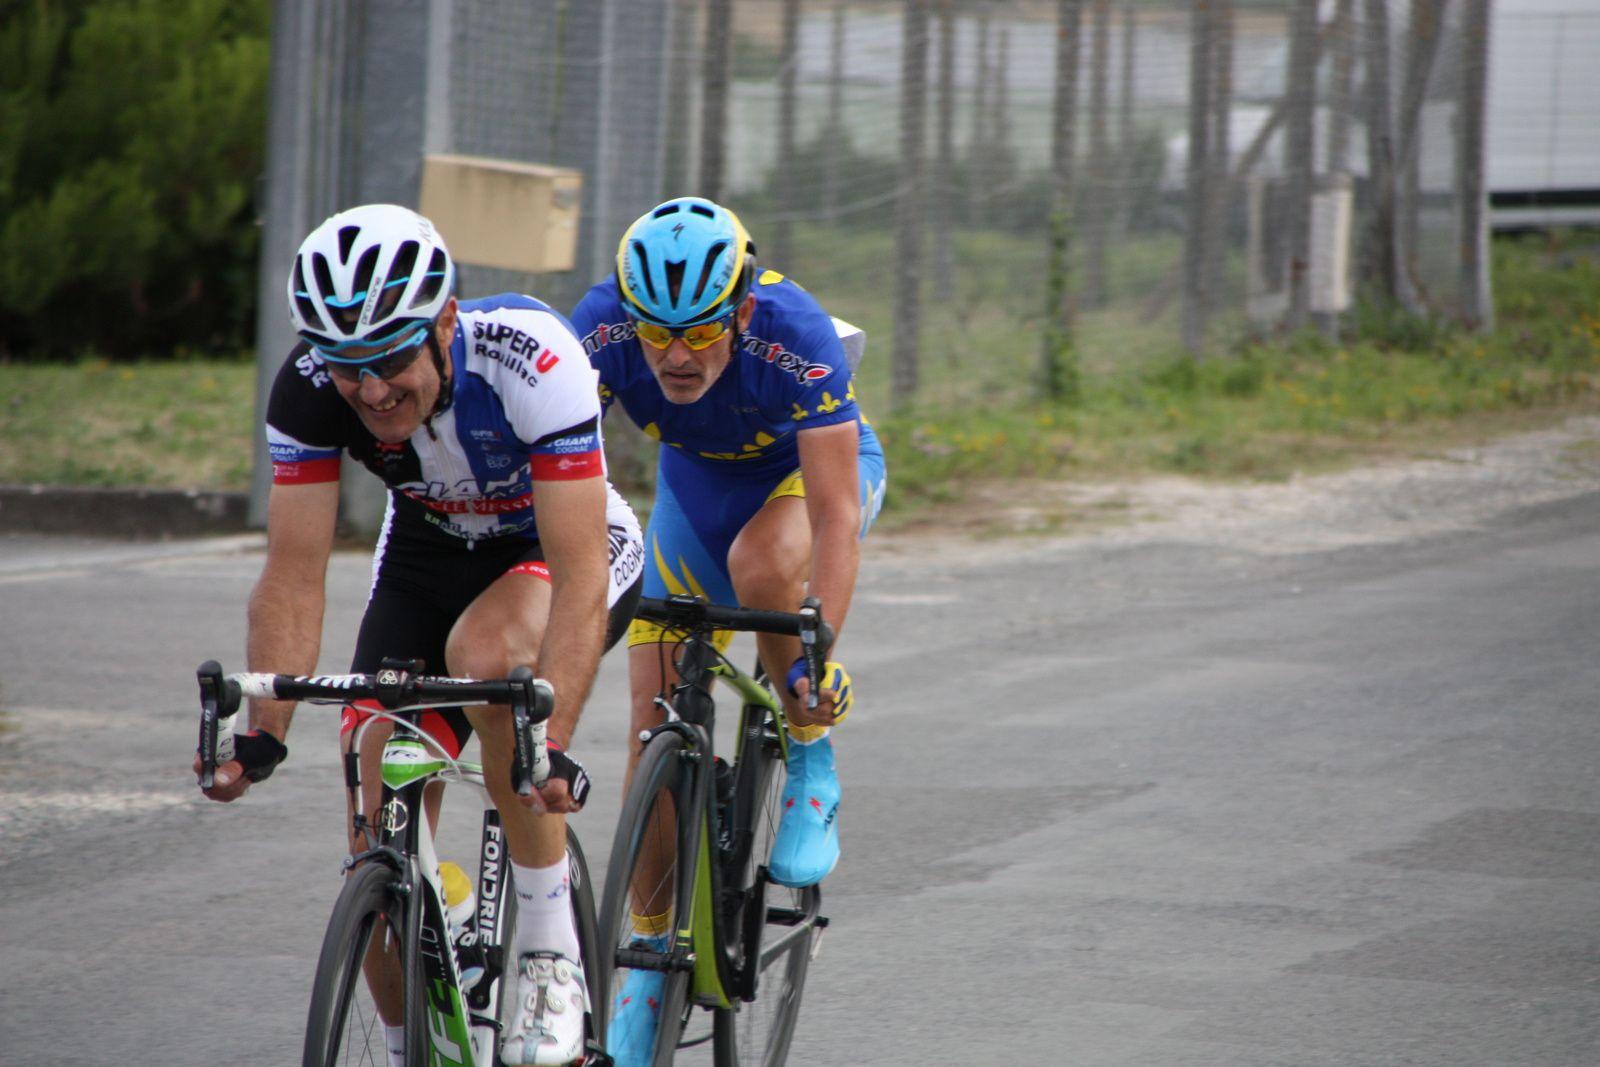 Les  2  coureurs  sont  déterminés  à  aller  chercher  la  victoire